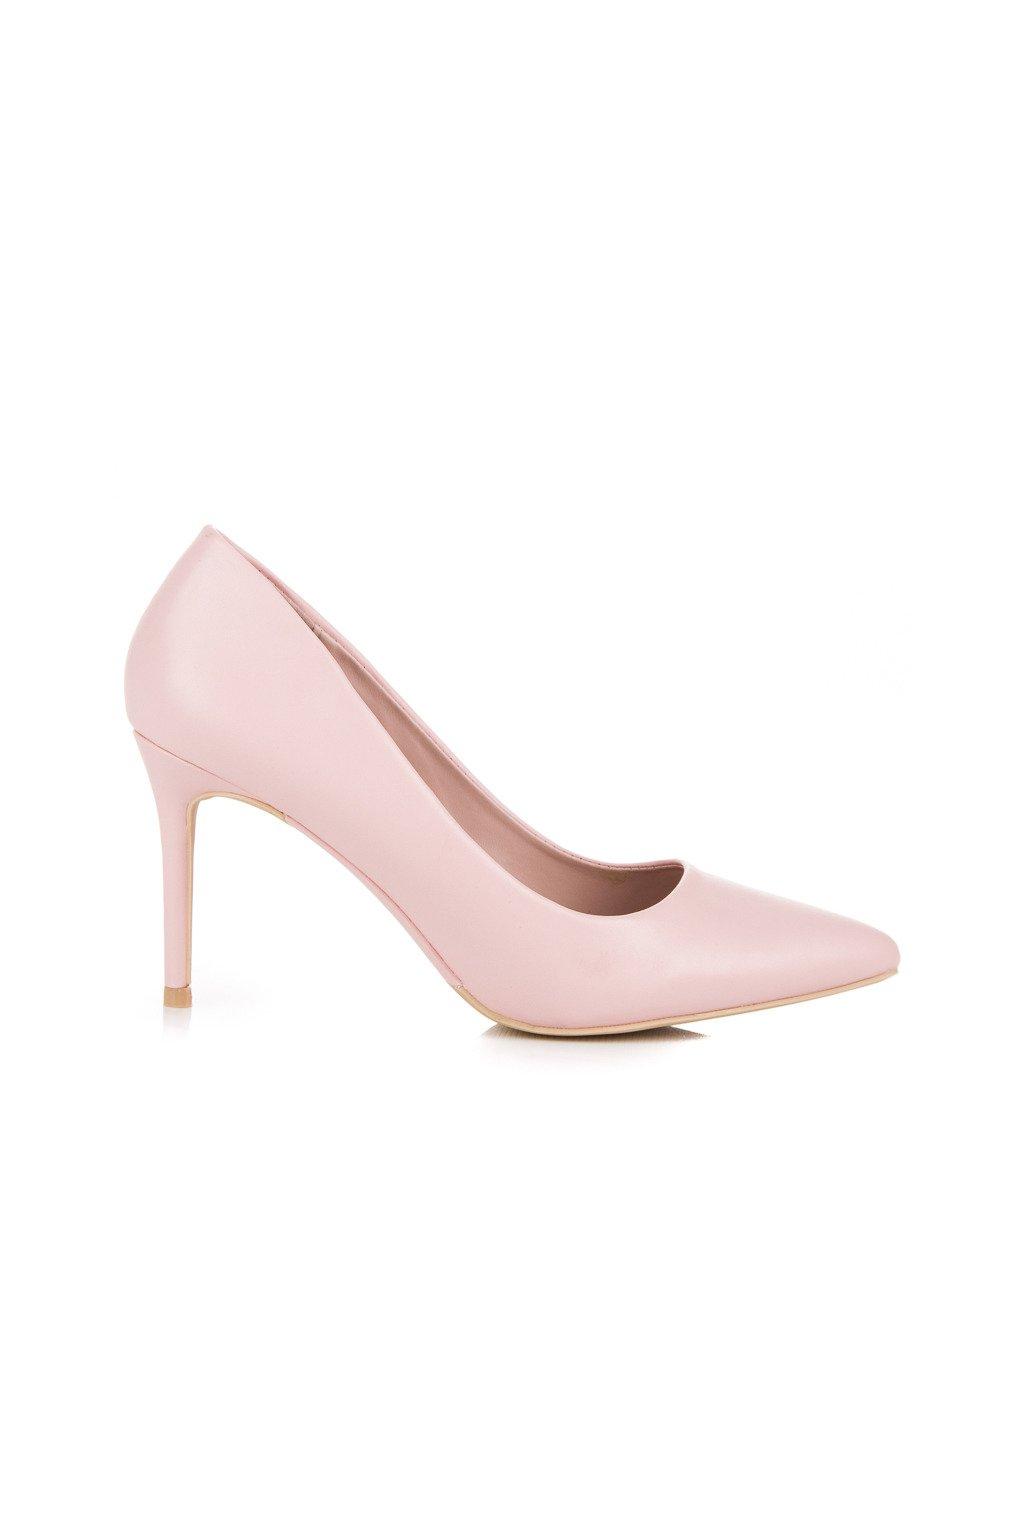 Ružové pastelové lodičky Vices 1403-20P